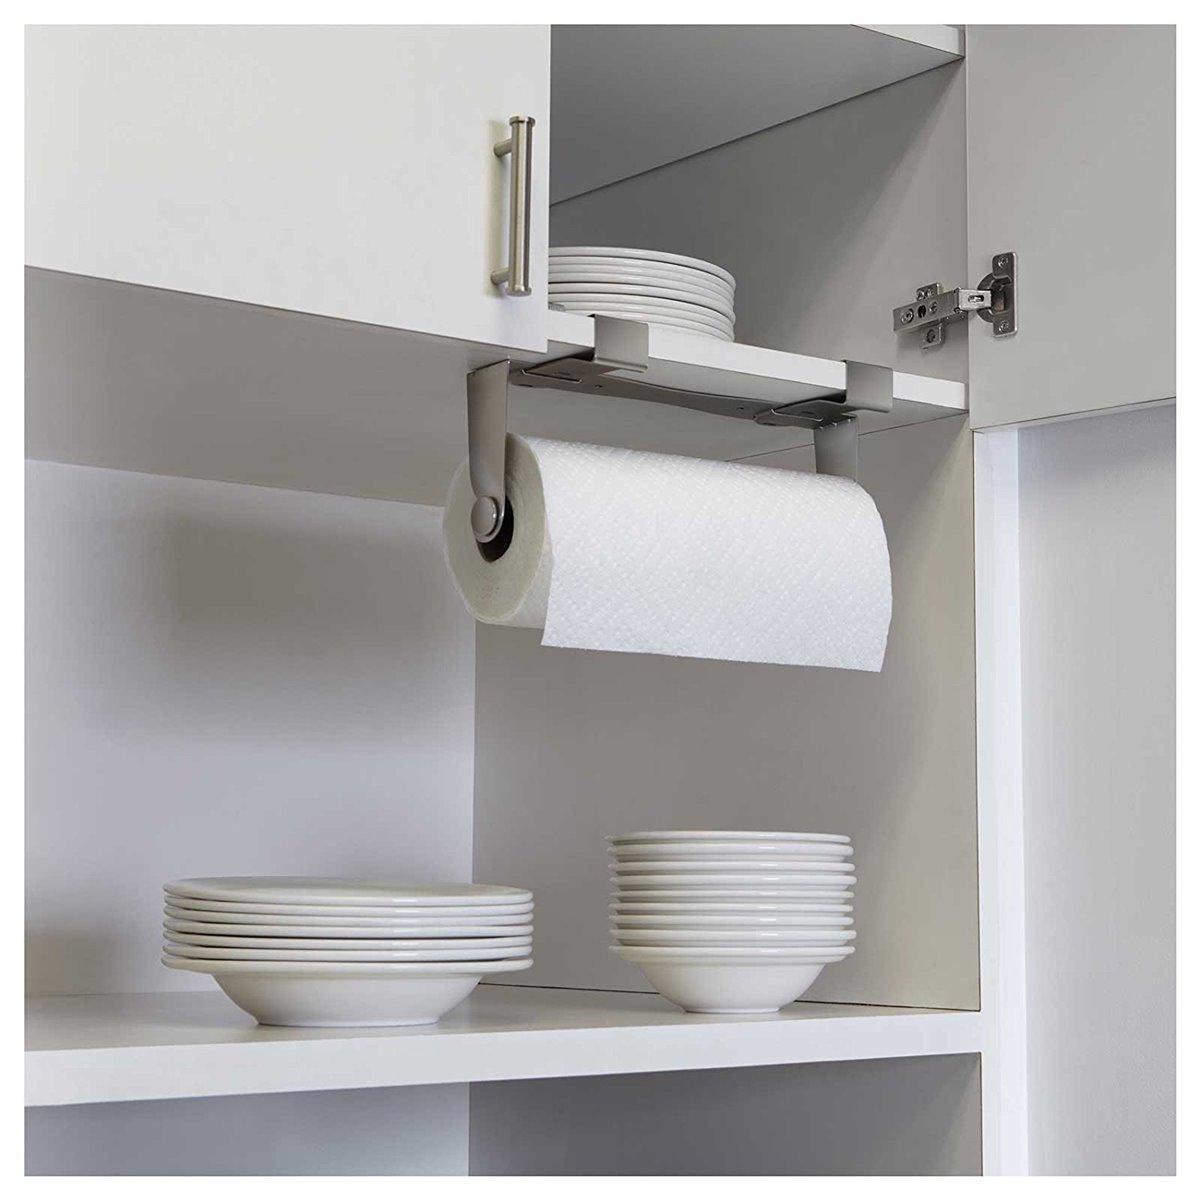 Küchenpapierhalter Wand ~ küchenrollenhalter küchenpapierhalter mountie nickel länge 30,5 cm ebay